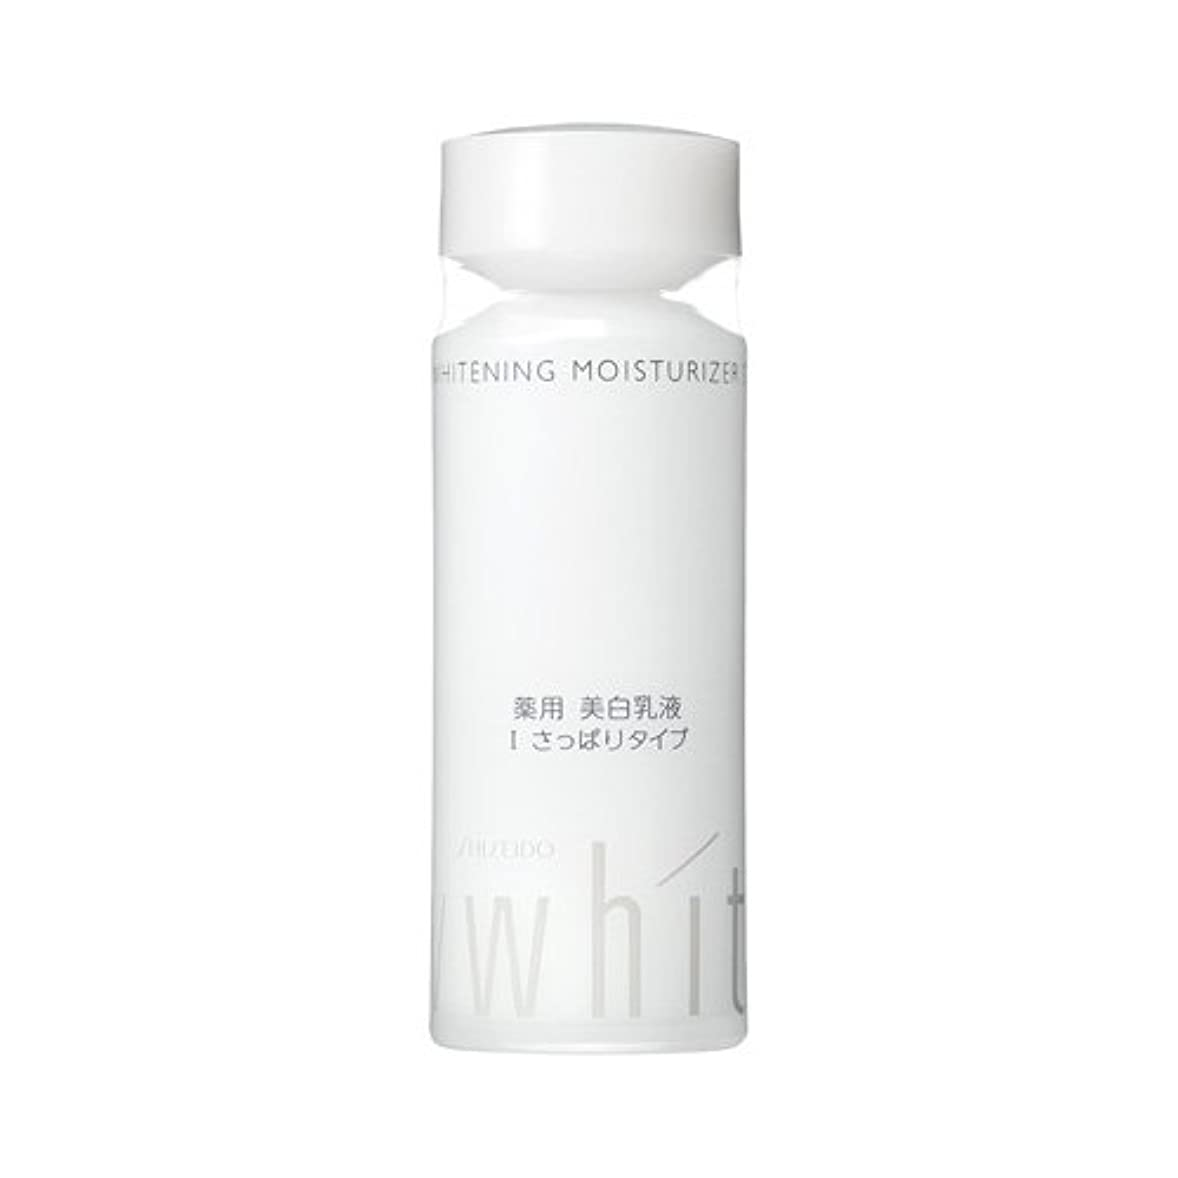 お茶オリエンテーション被害者ユーヴィーホワイト ホワイトニング モイスチャーライザーⅠ 乳液(夜用) 100ml